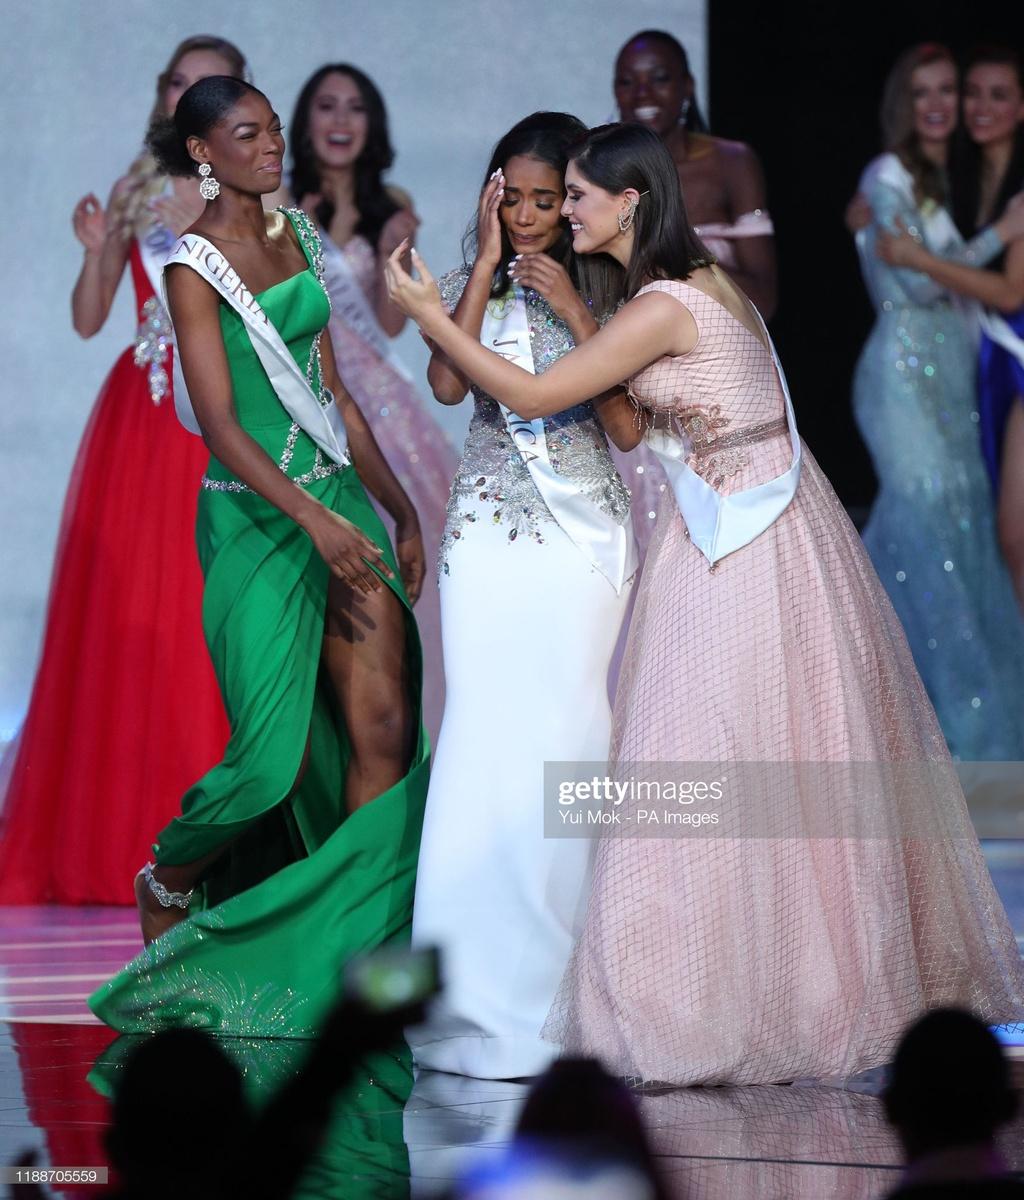 Nguoi dep Jamaica hoang mang khi dang quang Miss World 2019 hinh anh 4 gettyimages-1188705559-2048x2048.jpg